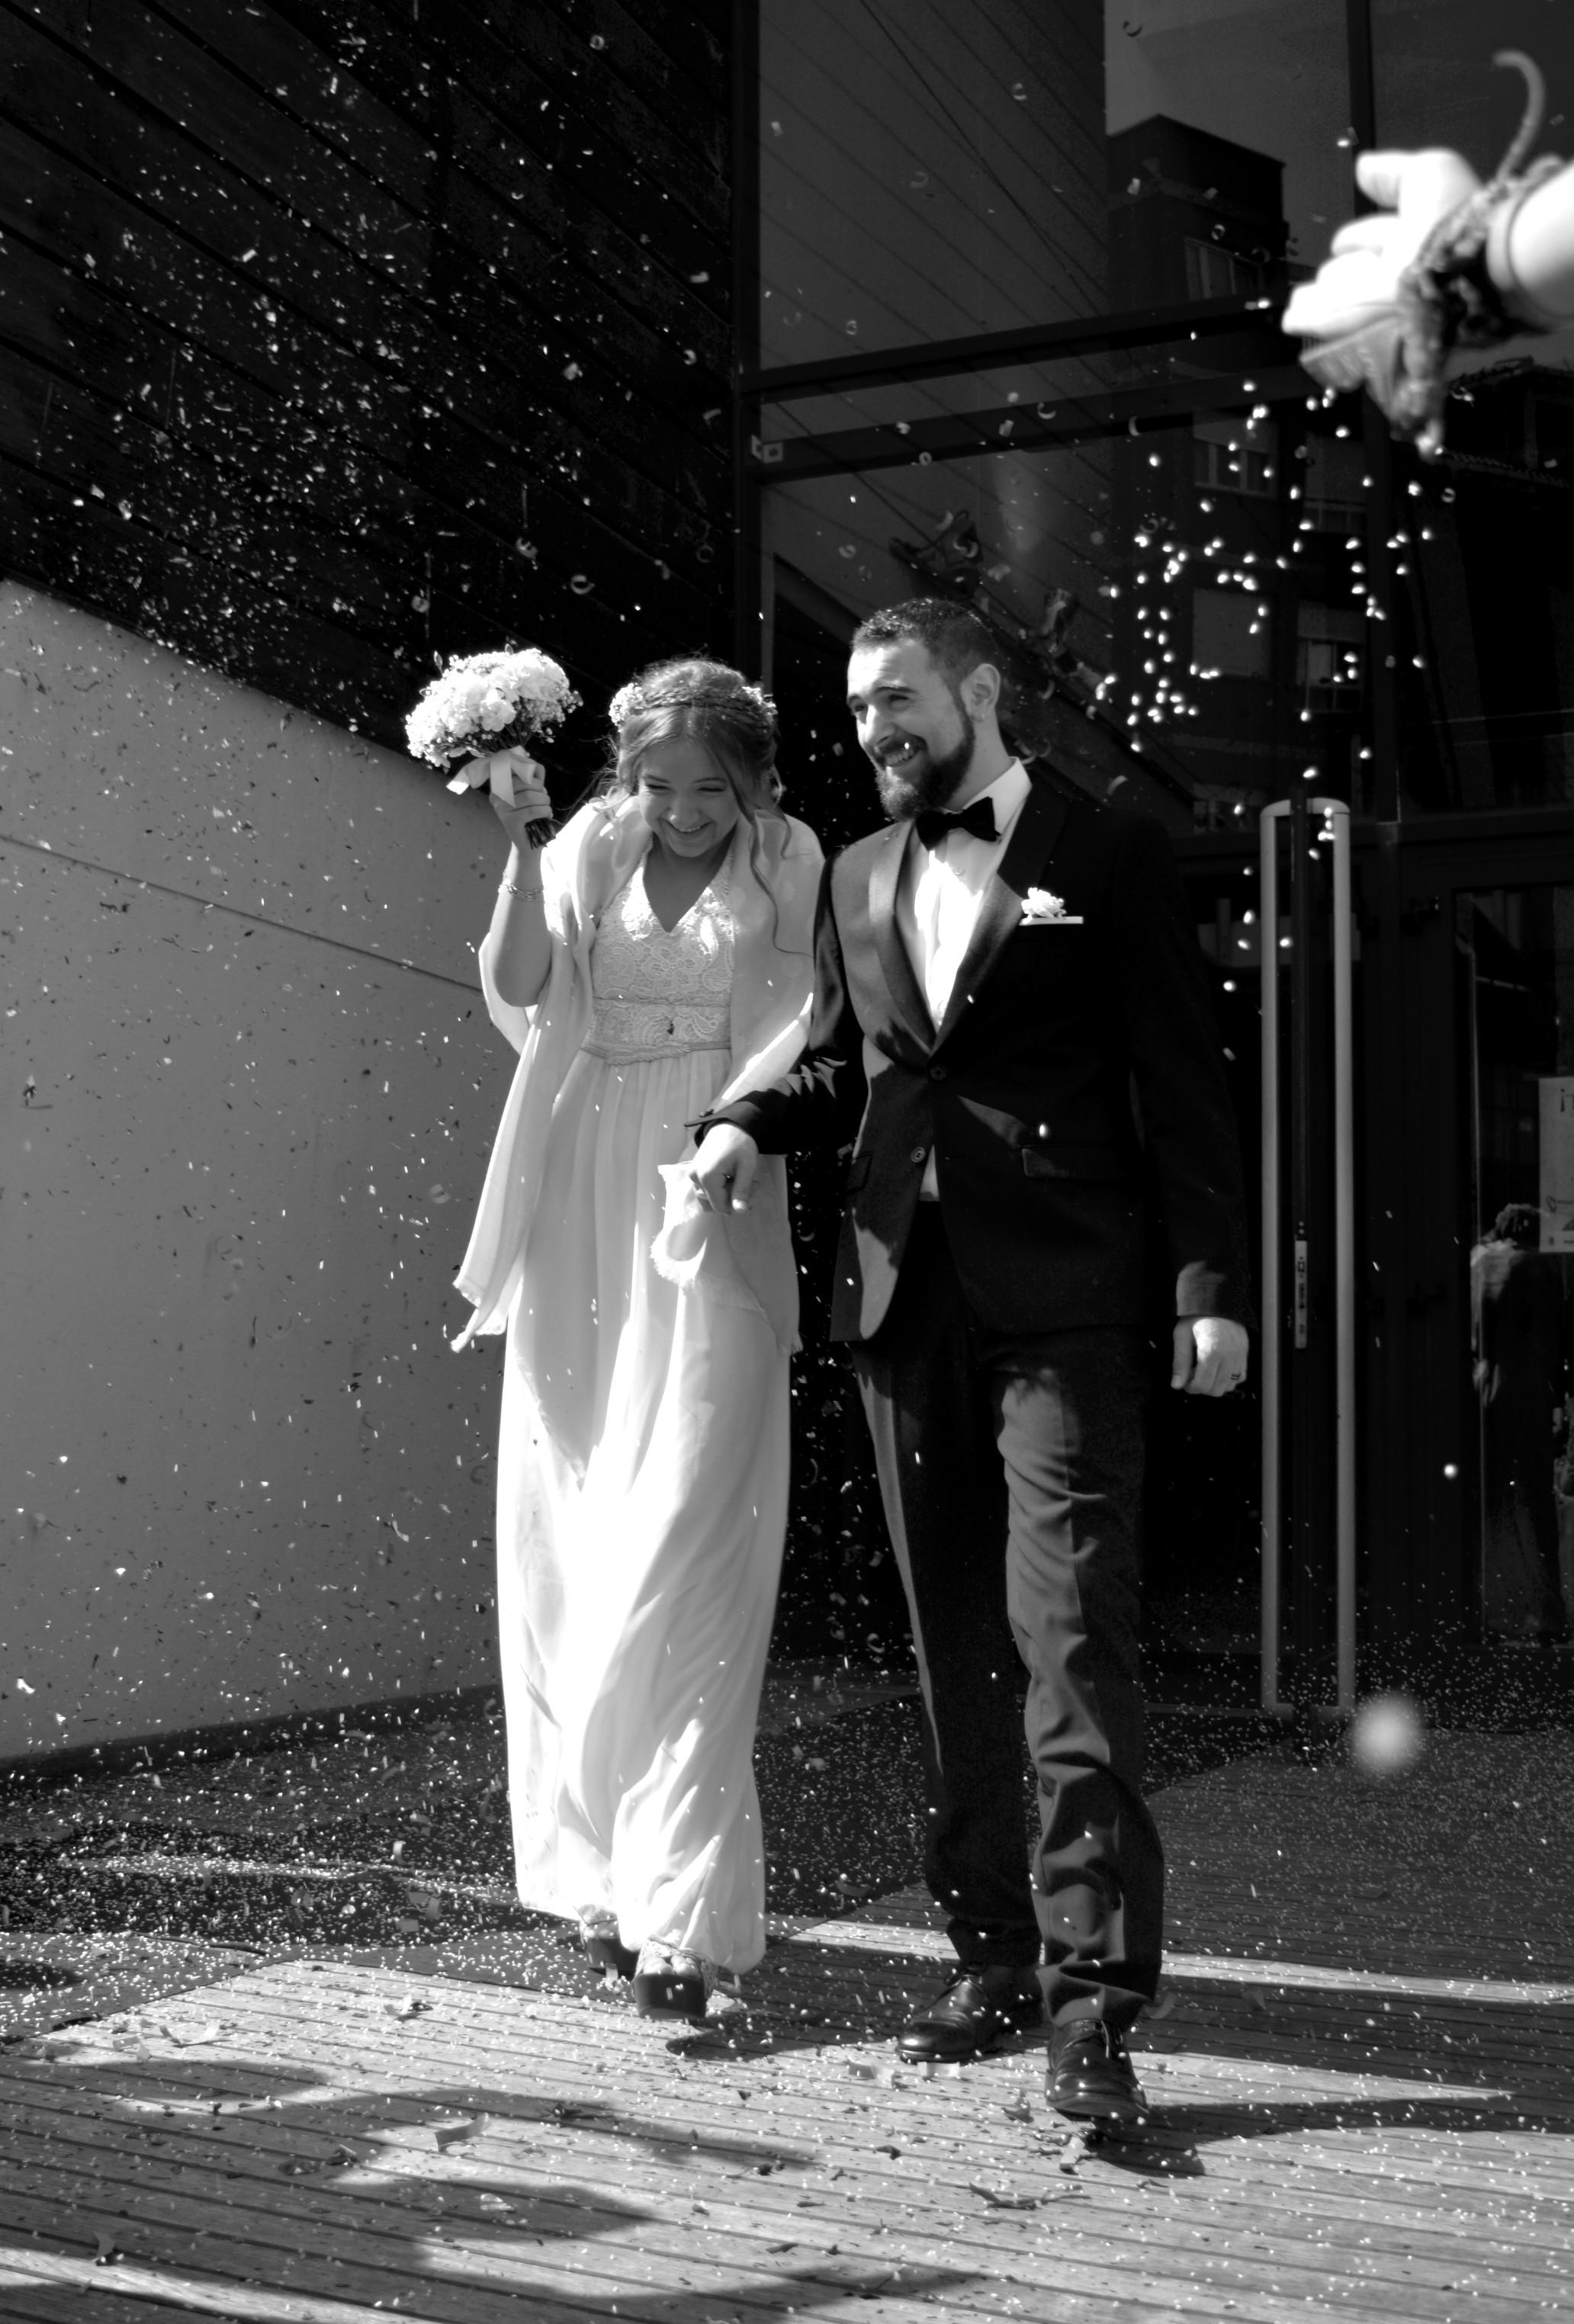 #blackandwhite #photography #weddingphotography #people